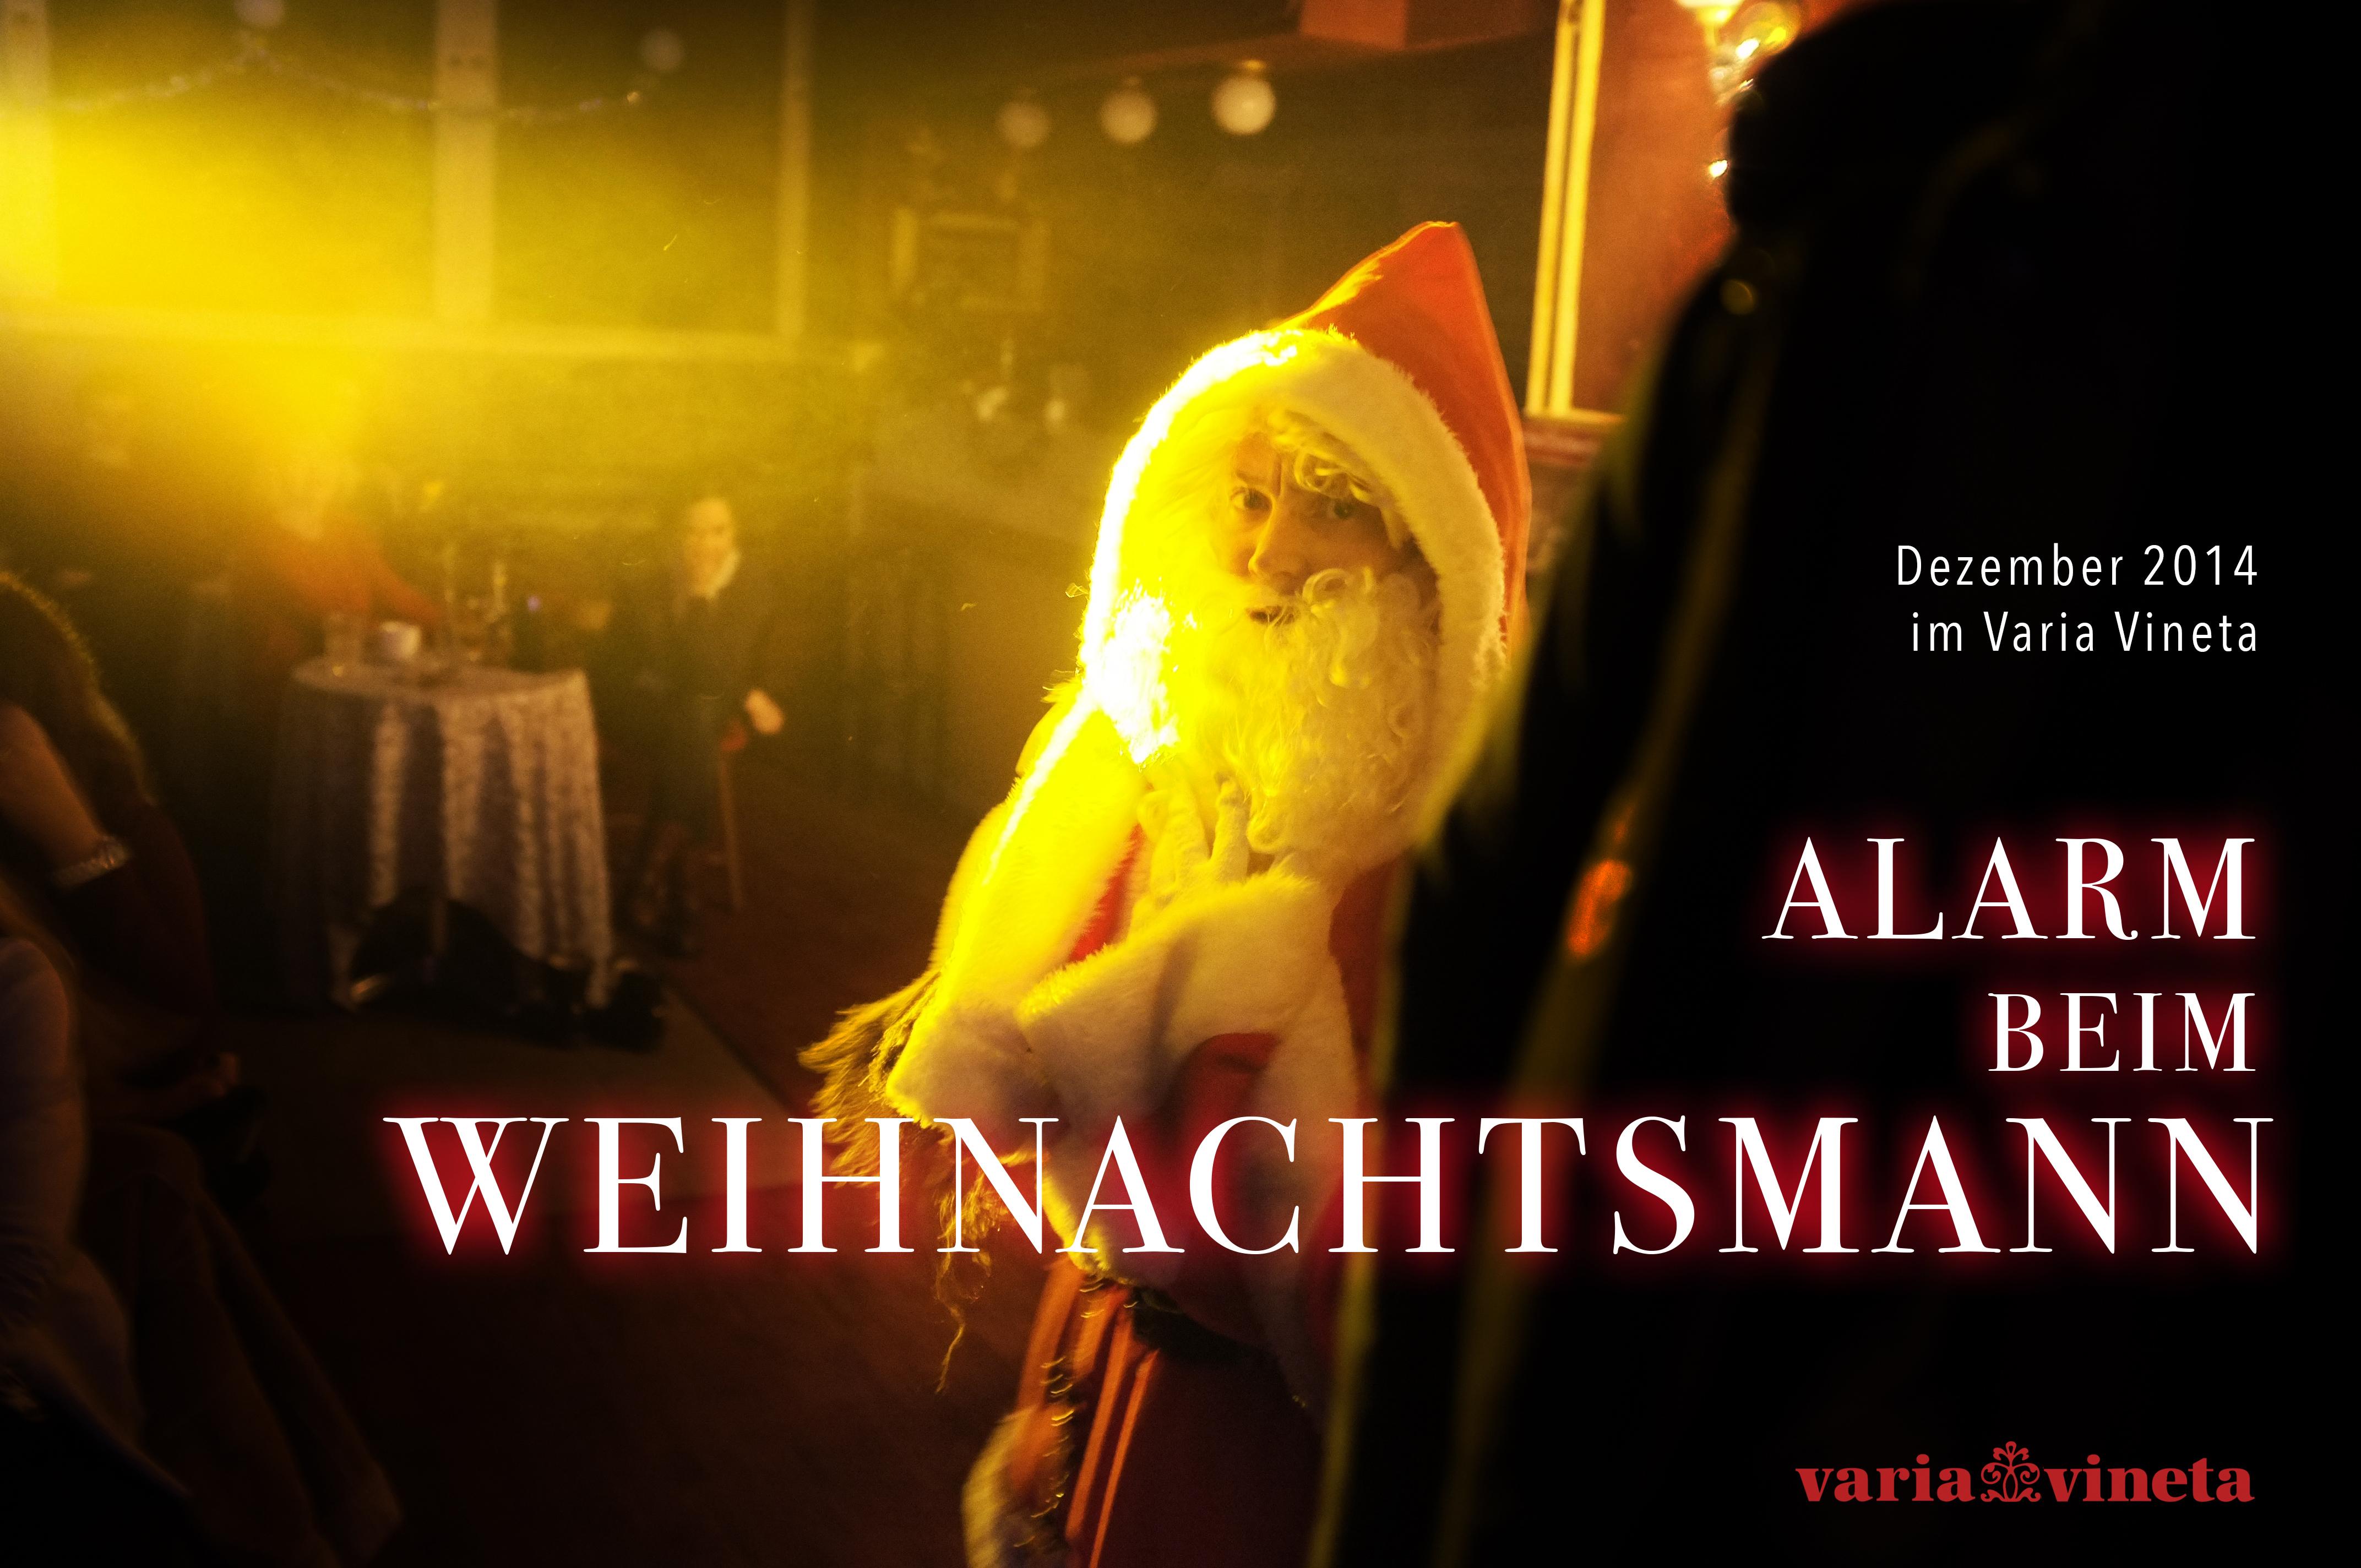 weihnachtsmann_plakat